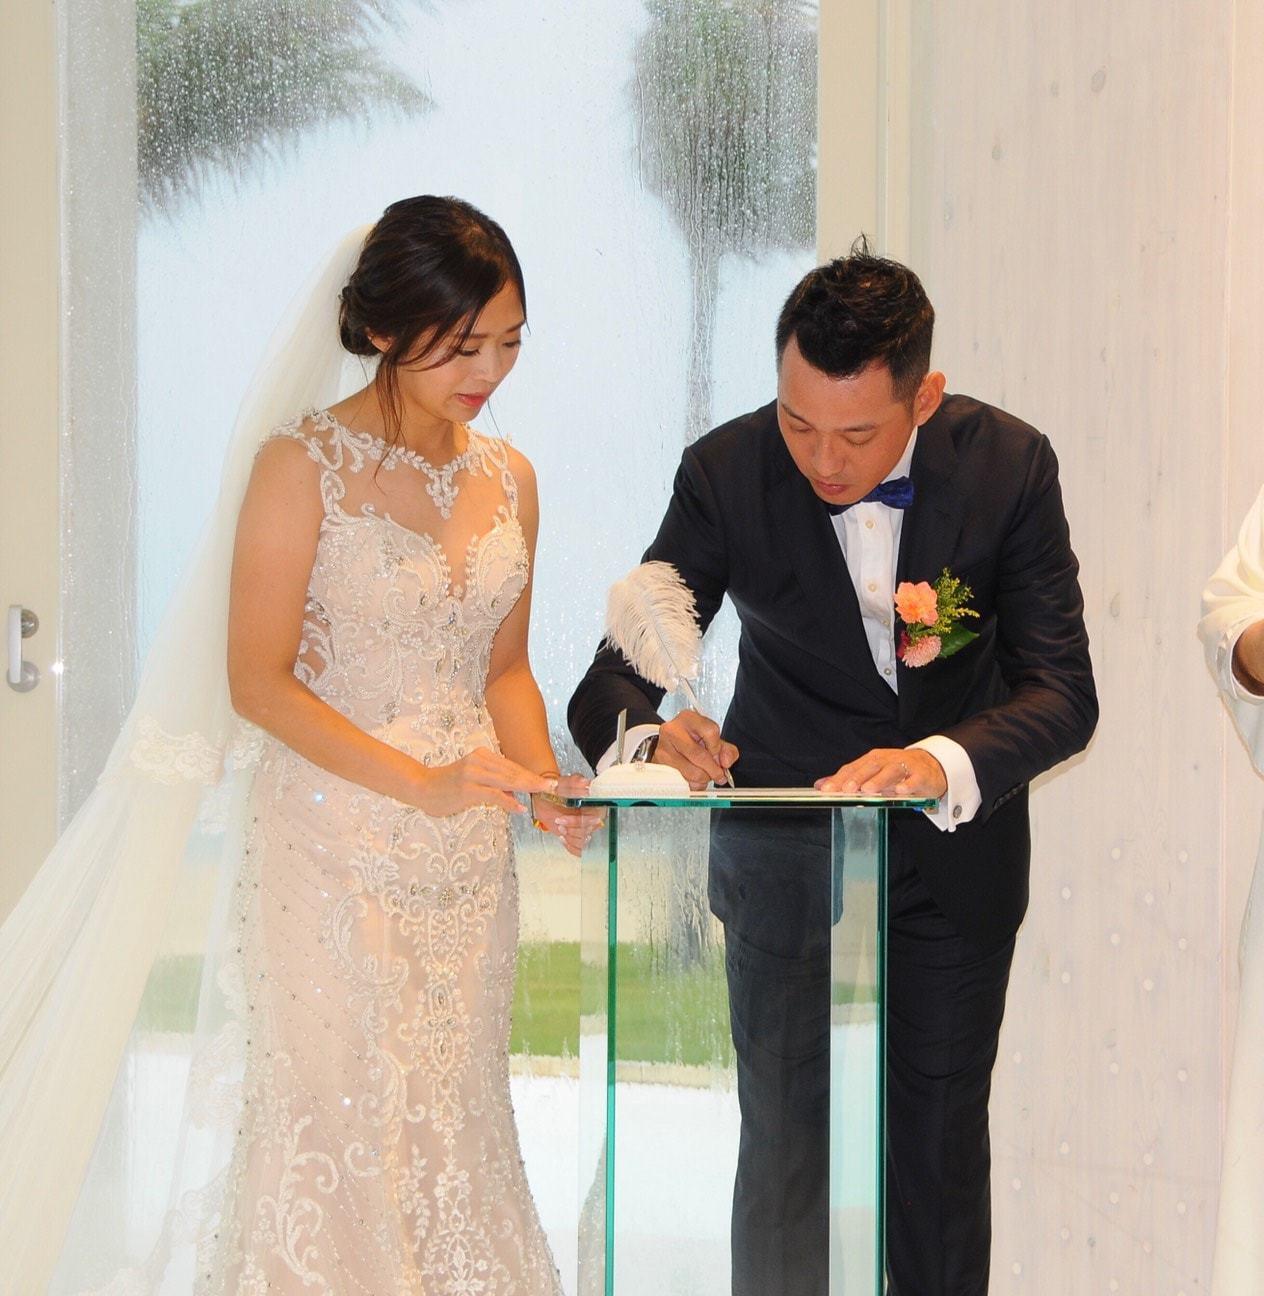 新北市正妹議員鄭宇恩(左起)近期傳出喜訊,上周飛往日本沖繩與非政治圈的陳先生完成...